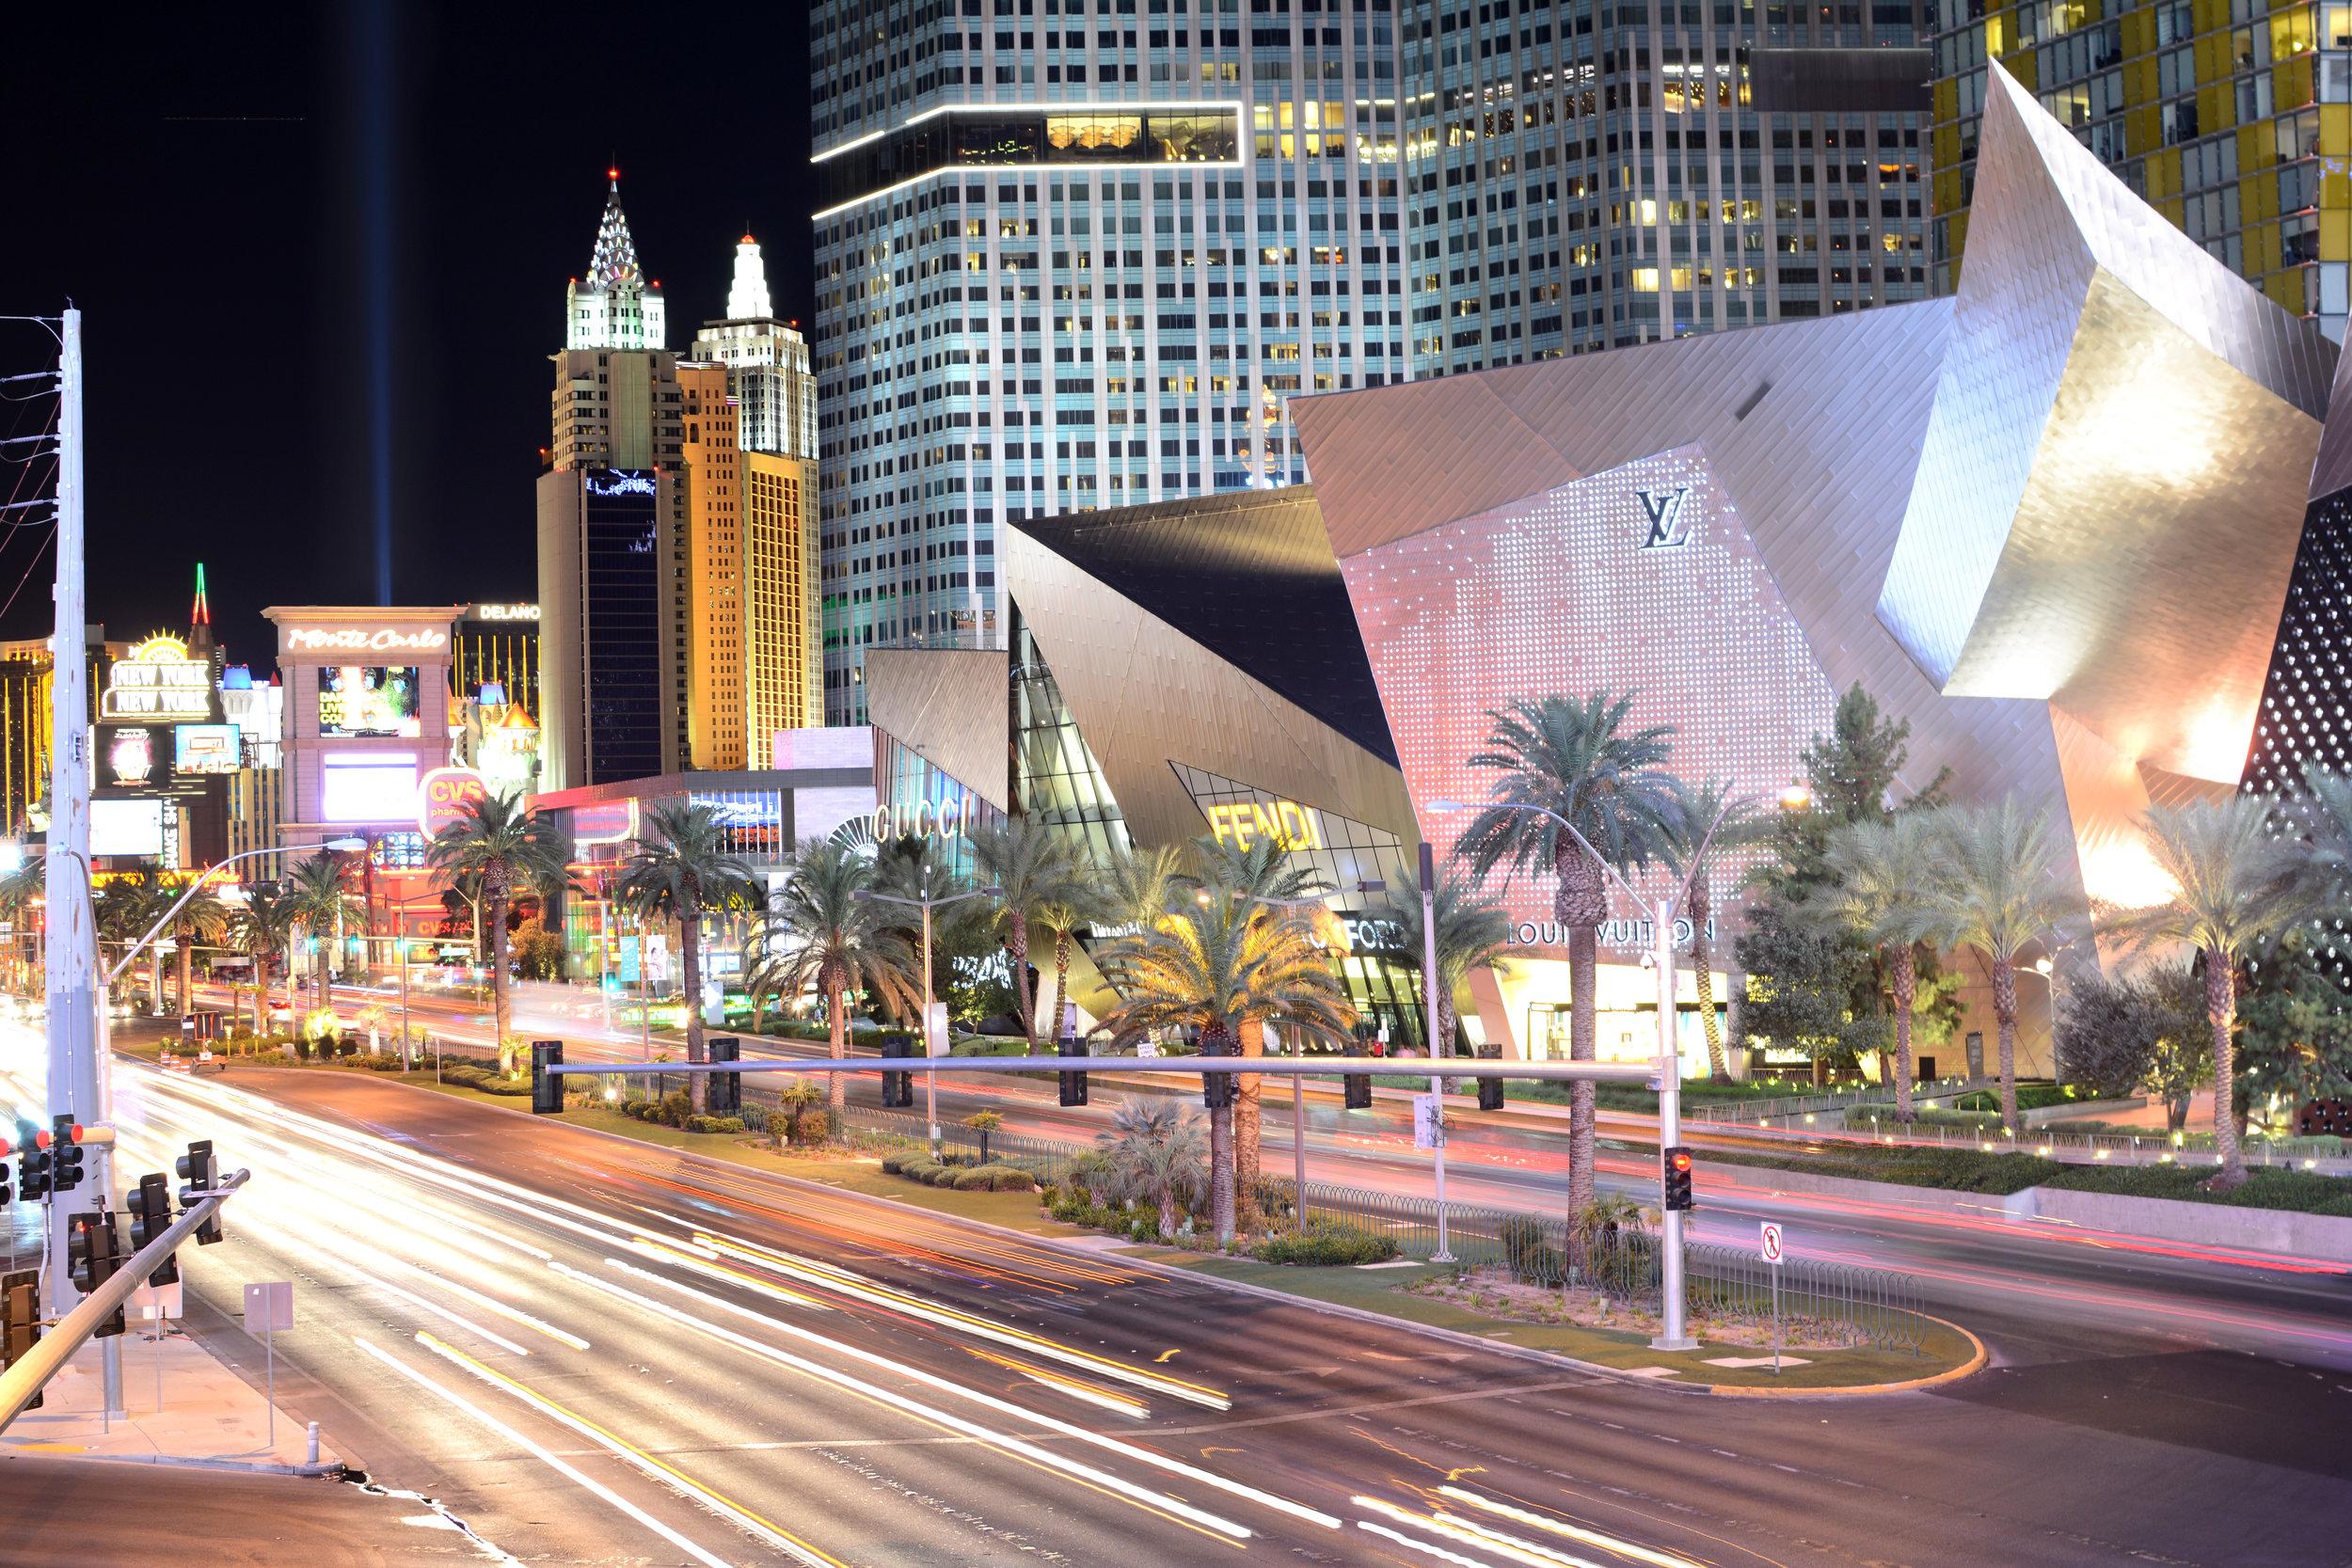 Las Vegas - Si lo tuyo son las fiestas sin límite, Las Vegas es un destino que debes considerar. Una ciudad que nunca duerme. Aquí tendrás muchas opciones para despedir el año con grandes celebraciones y entretenimiento sin fin. En unas pocas horas podrás llegar conduciendo al Gran Cañón y sus paisajes únicos llenos de nieve en la época navideña. Las Vegas ofrece excelentes precios de hospedaje para la época navideña y si vas en grupo es un destino ideal para disfrutar entre los tuyos.